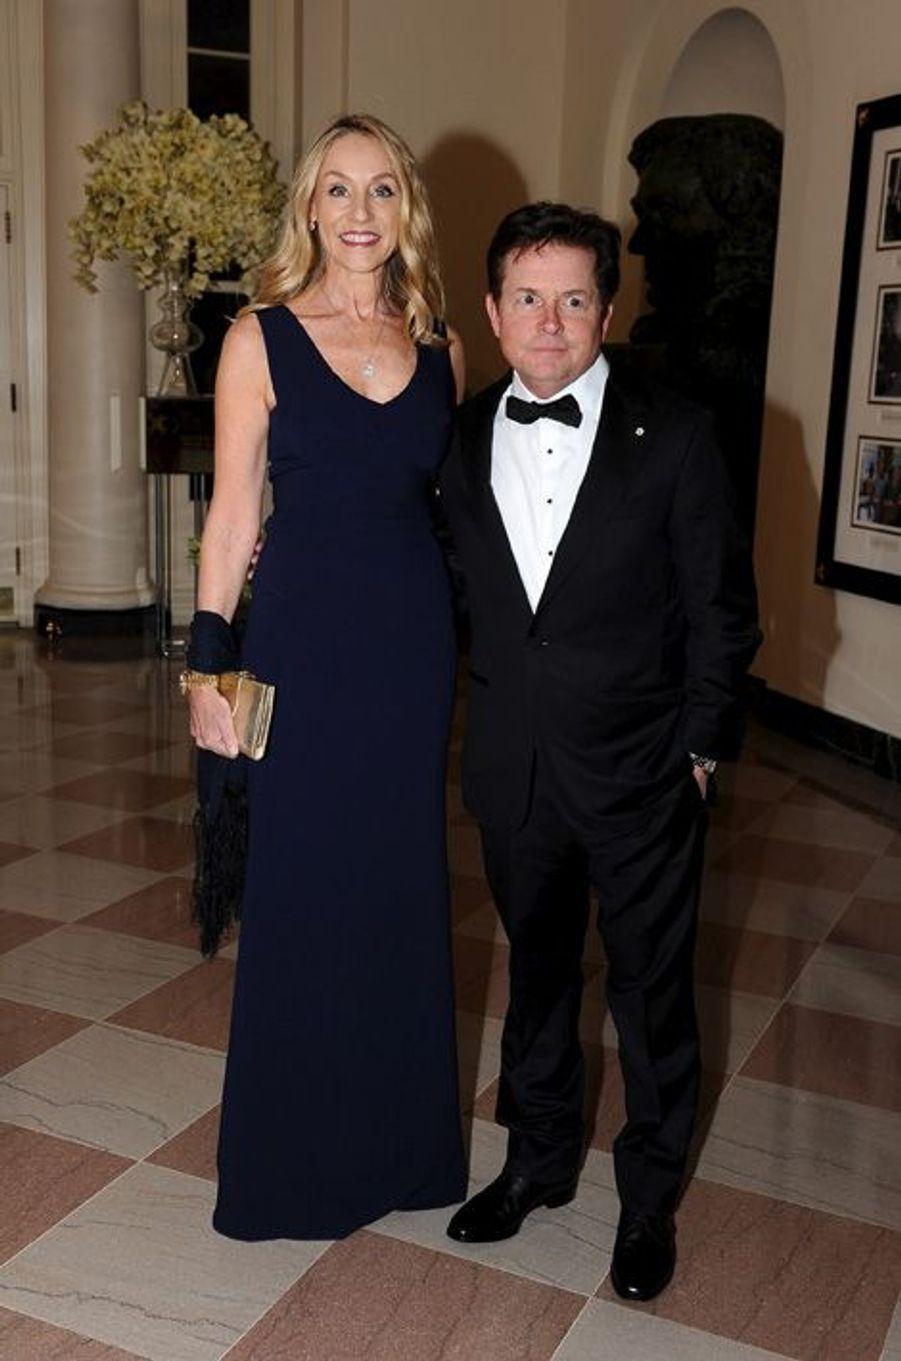 Michael J. Fox et son épouse Tracy Pollan assistent au dîner d'Etat donné pour la venue de Justin Trudeau à la Maison Blanche le 10 mars 2016